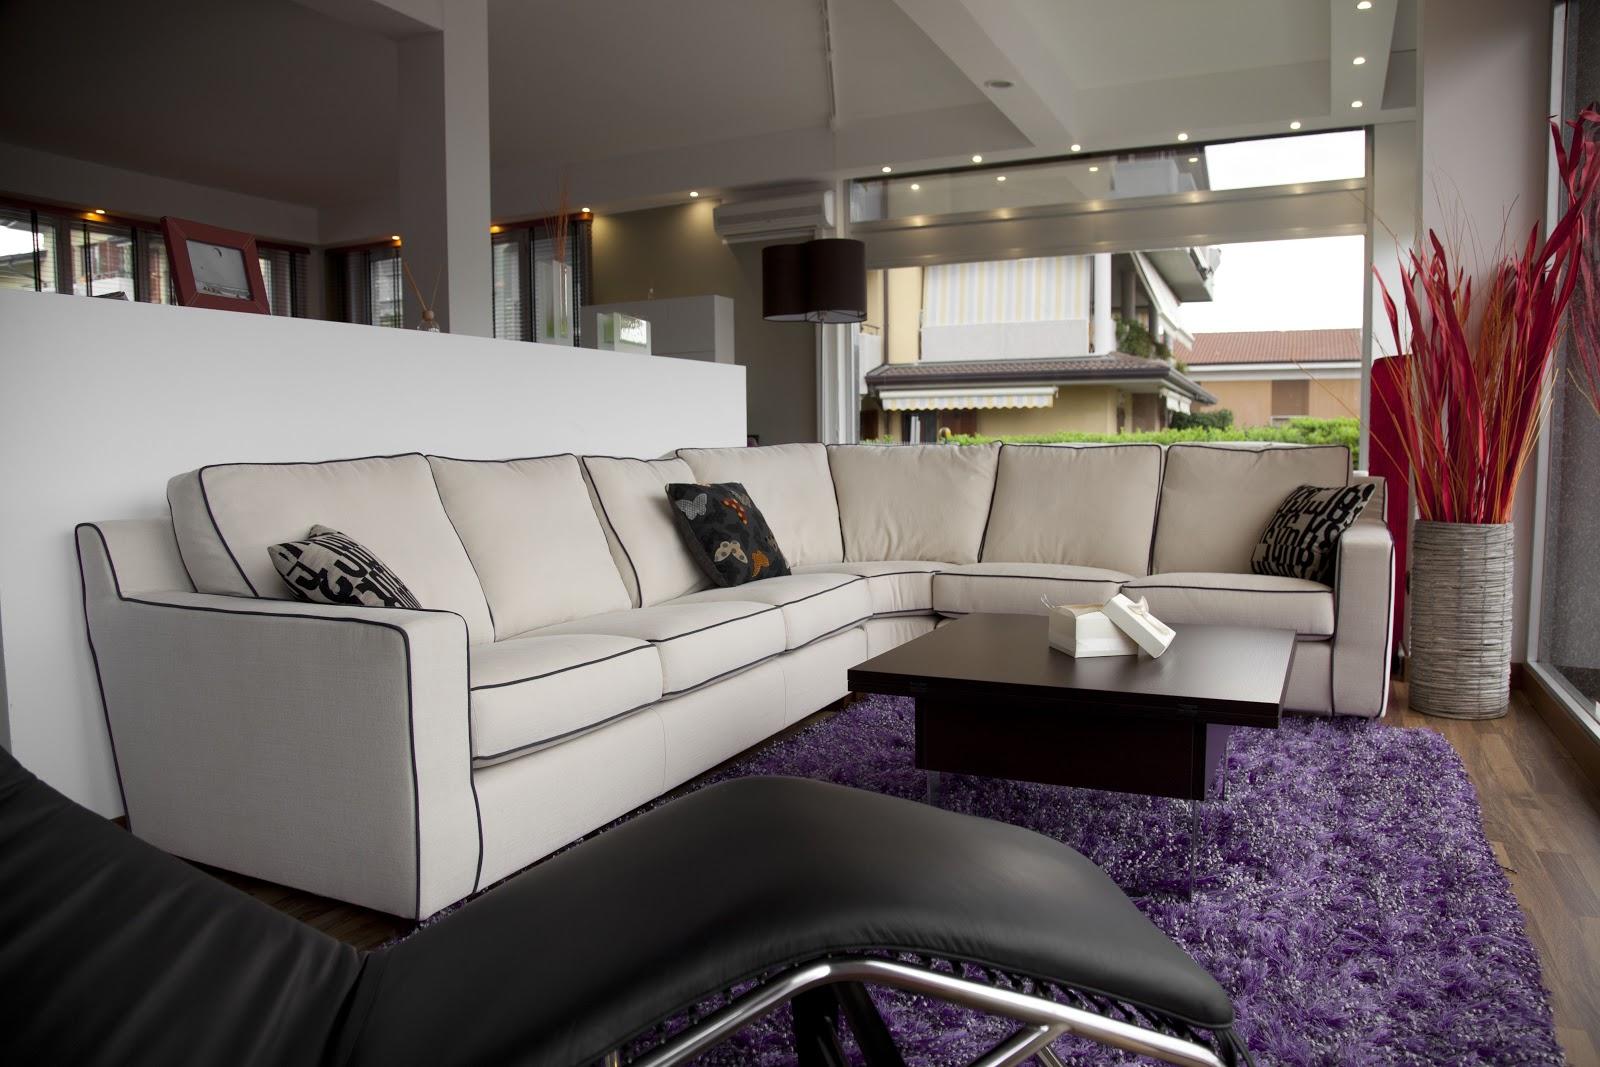 Santambrogio salotti produzione e vendita di divani e letti